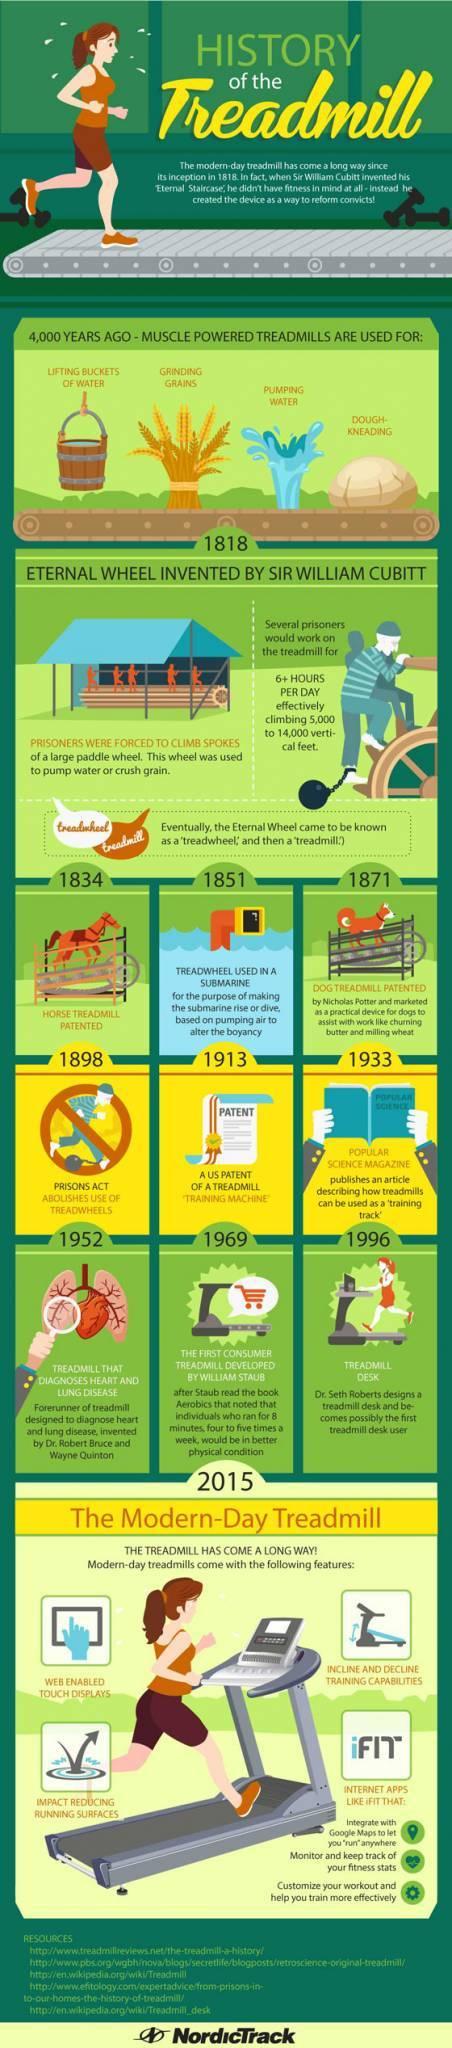 history-of-treadmill